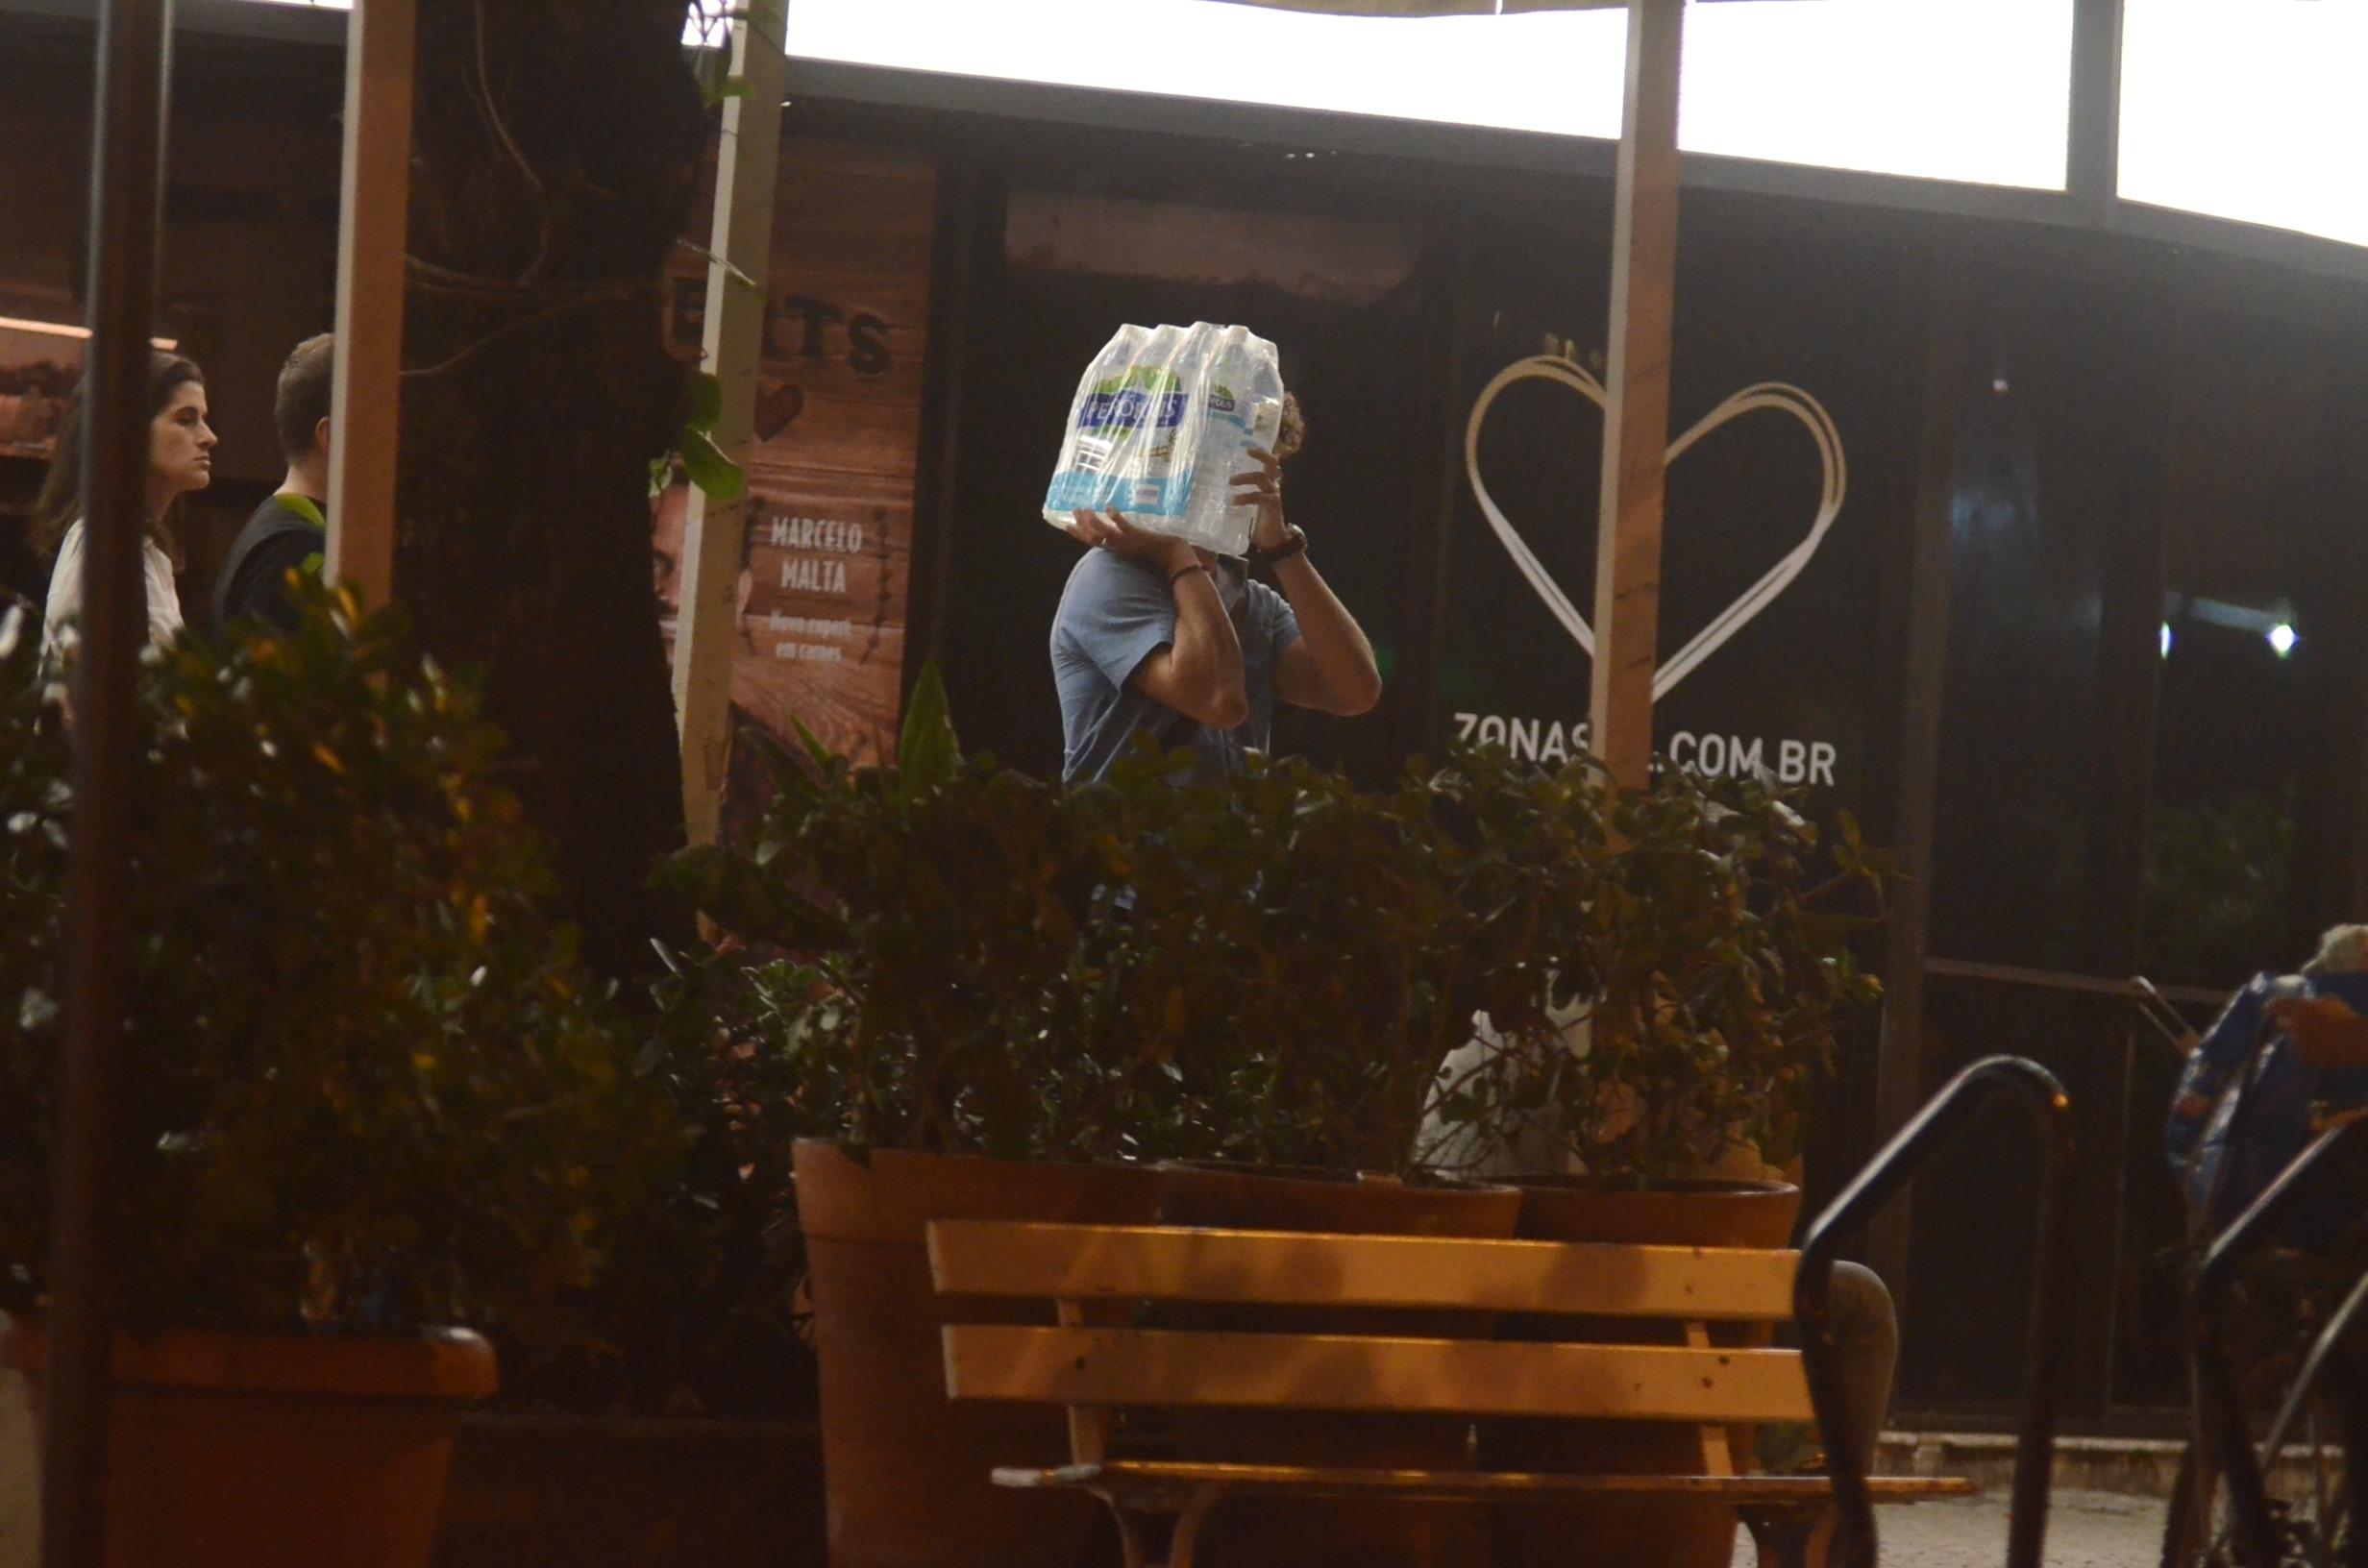 José Loreto saindo de estabelecimento com as águas que comprou (Foto: AGNews)